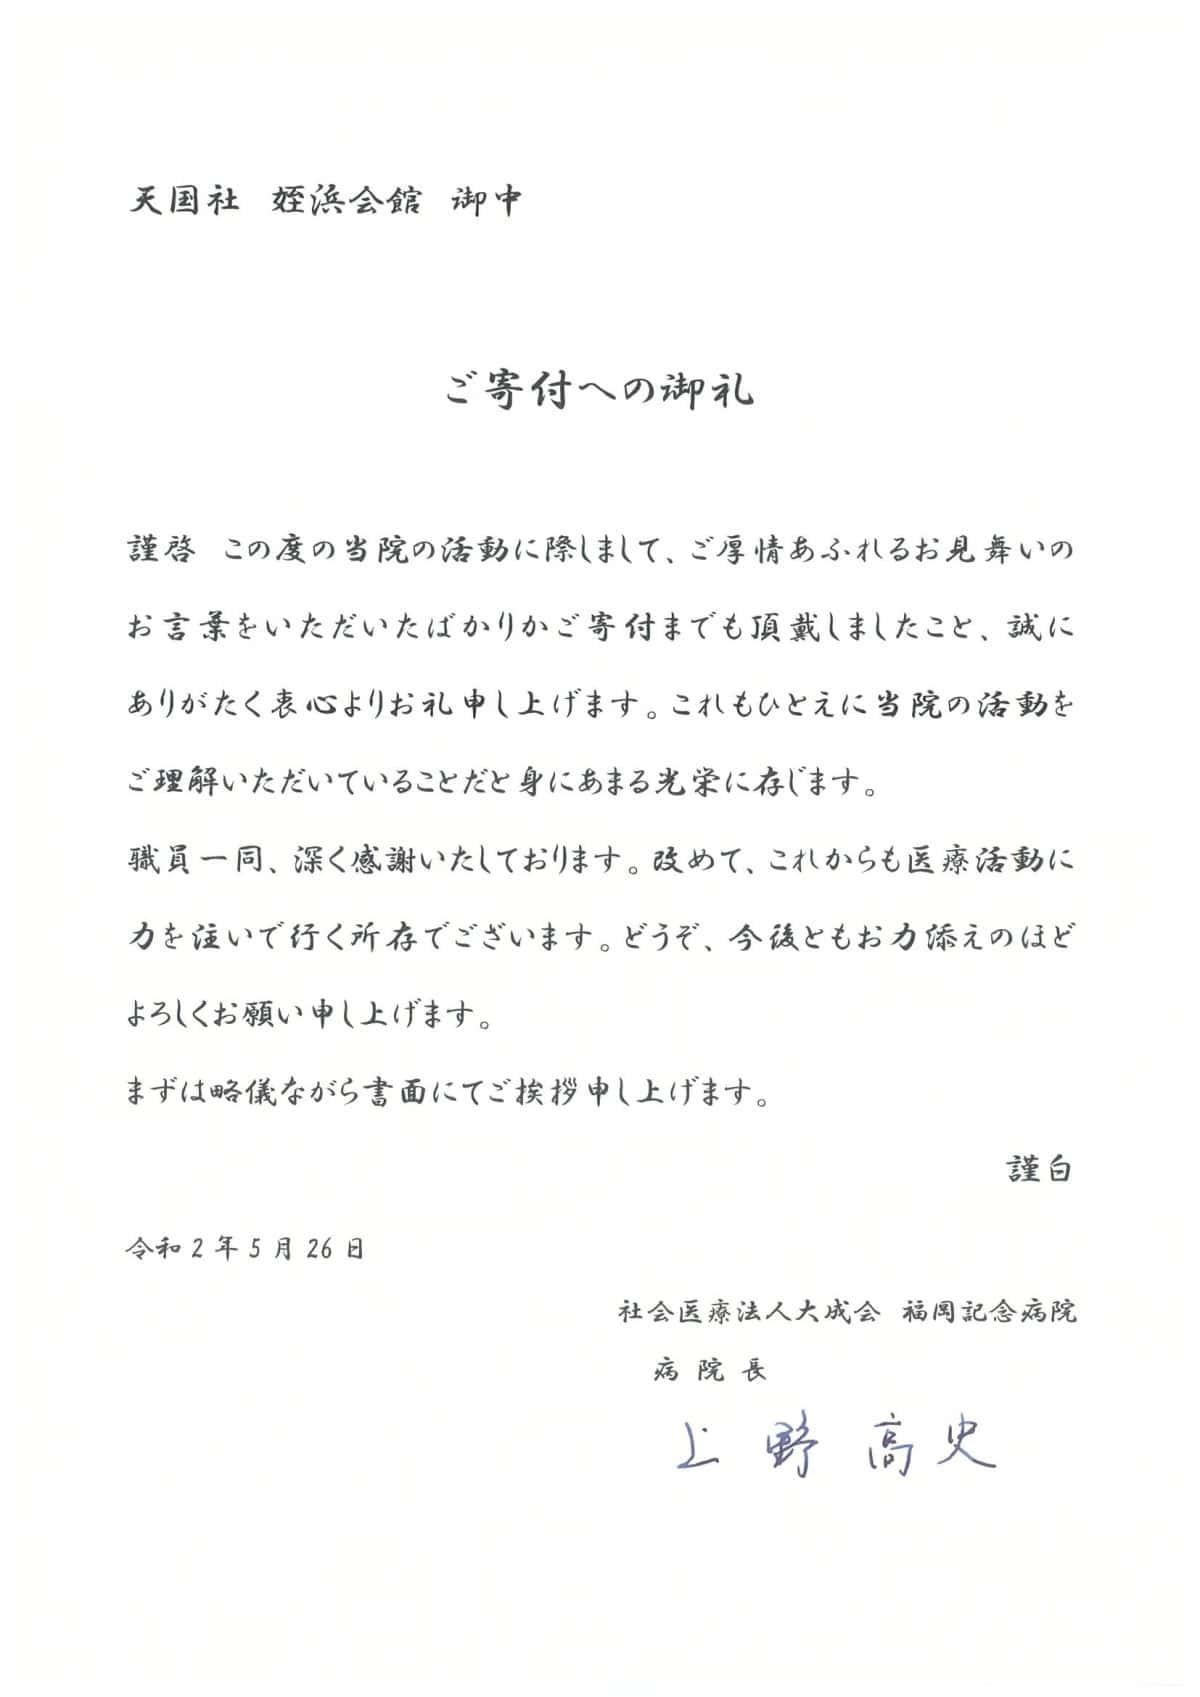 コロナ 病院 福岡 記念